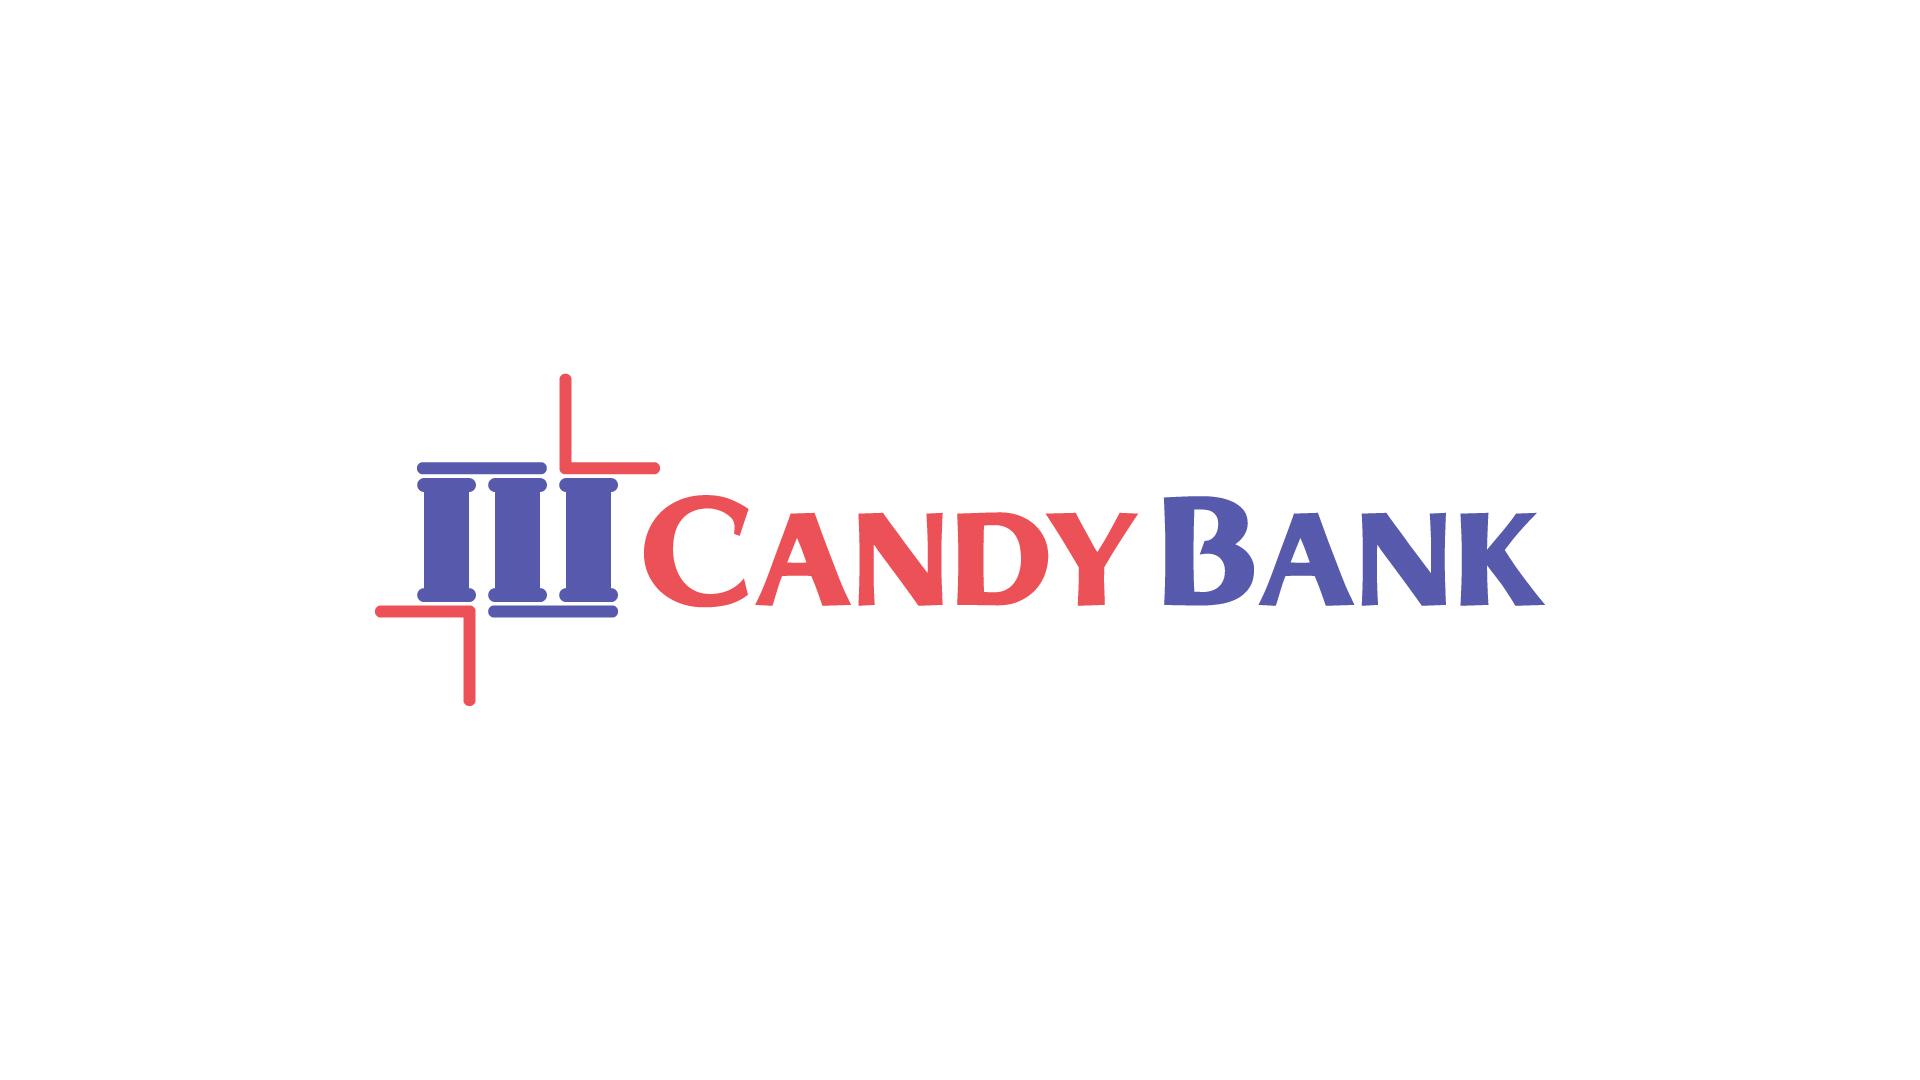 Логотип для международного банка фото f_5055d6a6164ce129.jpg